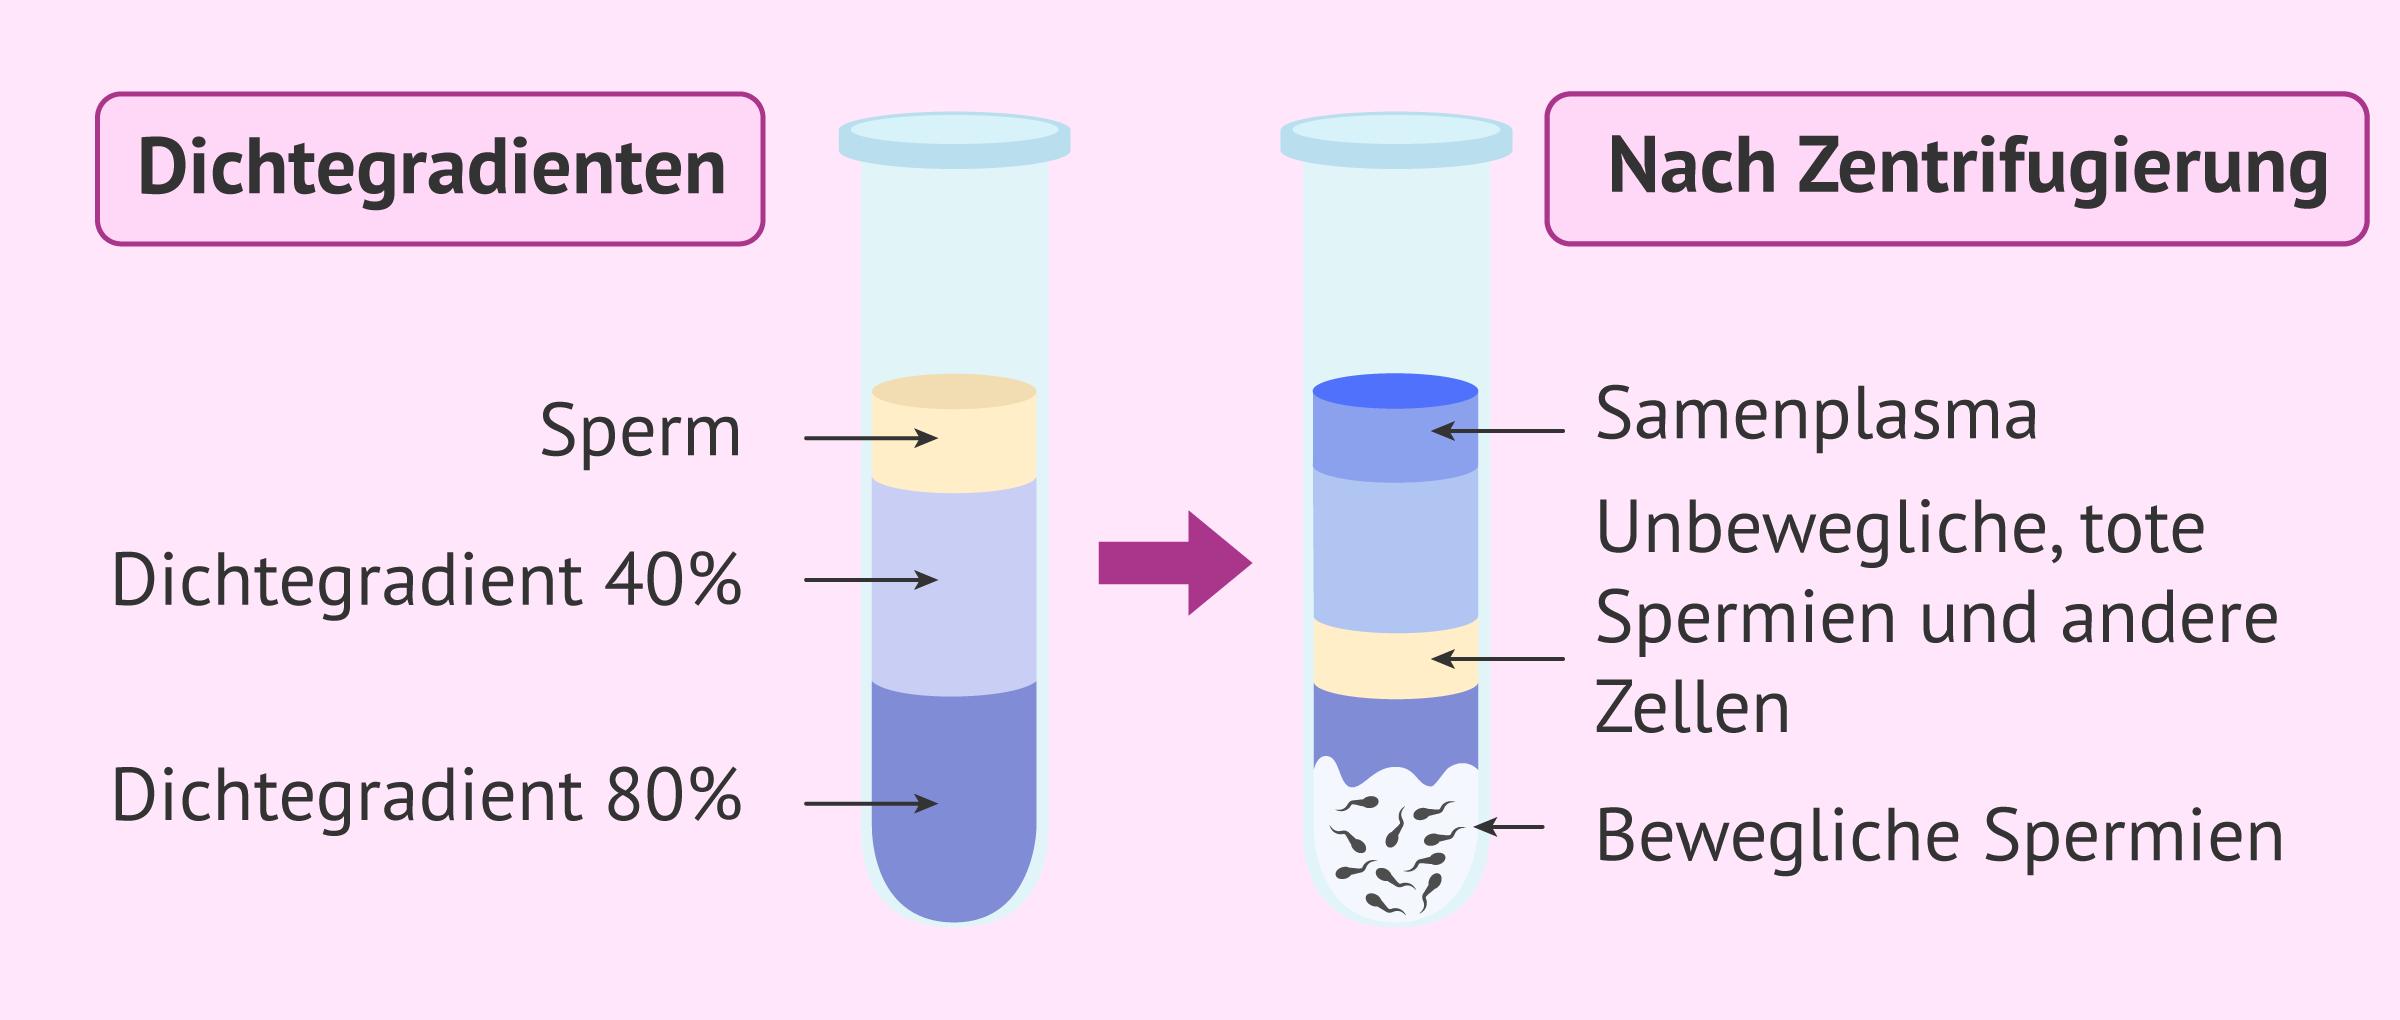 Spermienaufbereitung nach Dichtegradienten